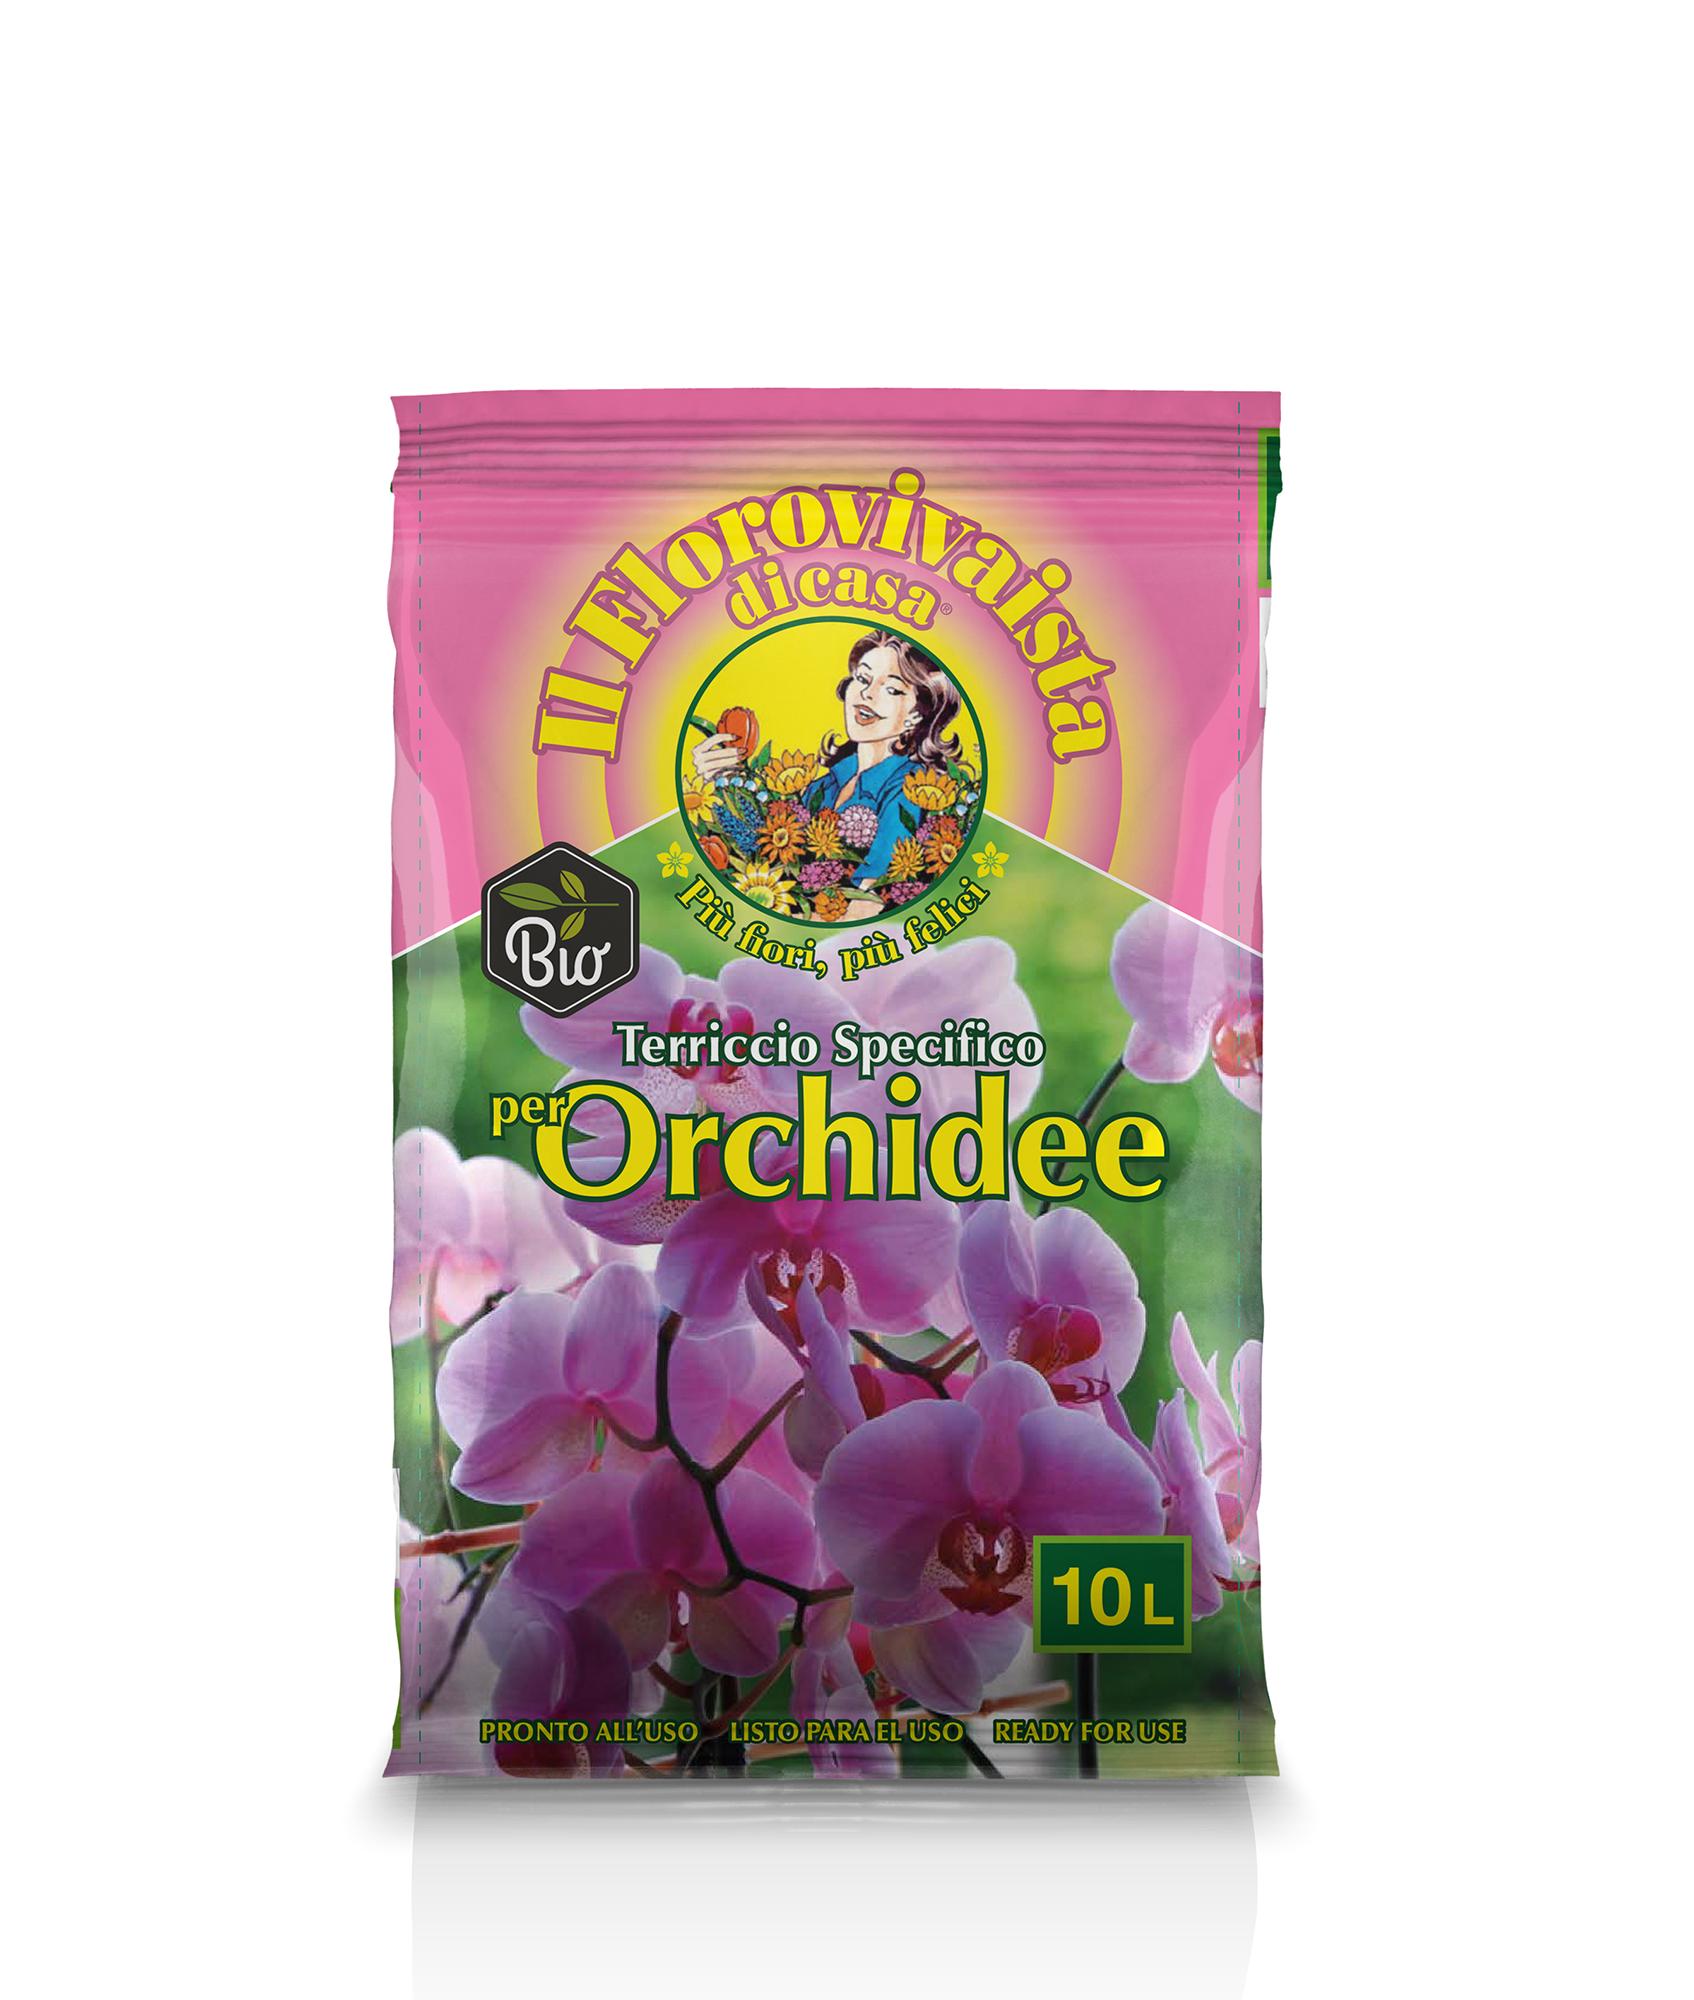 Terriccio specifico per Orchidee Biologico